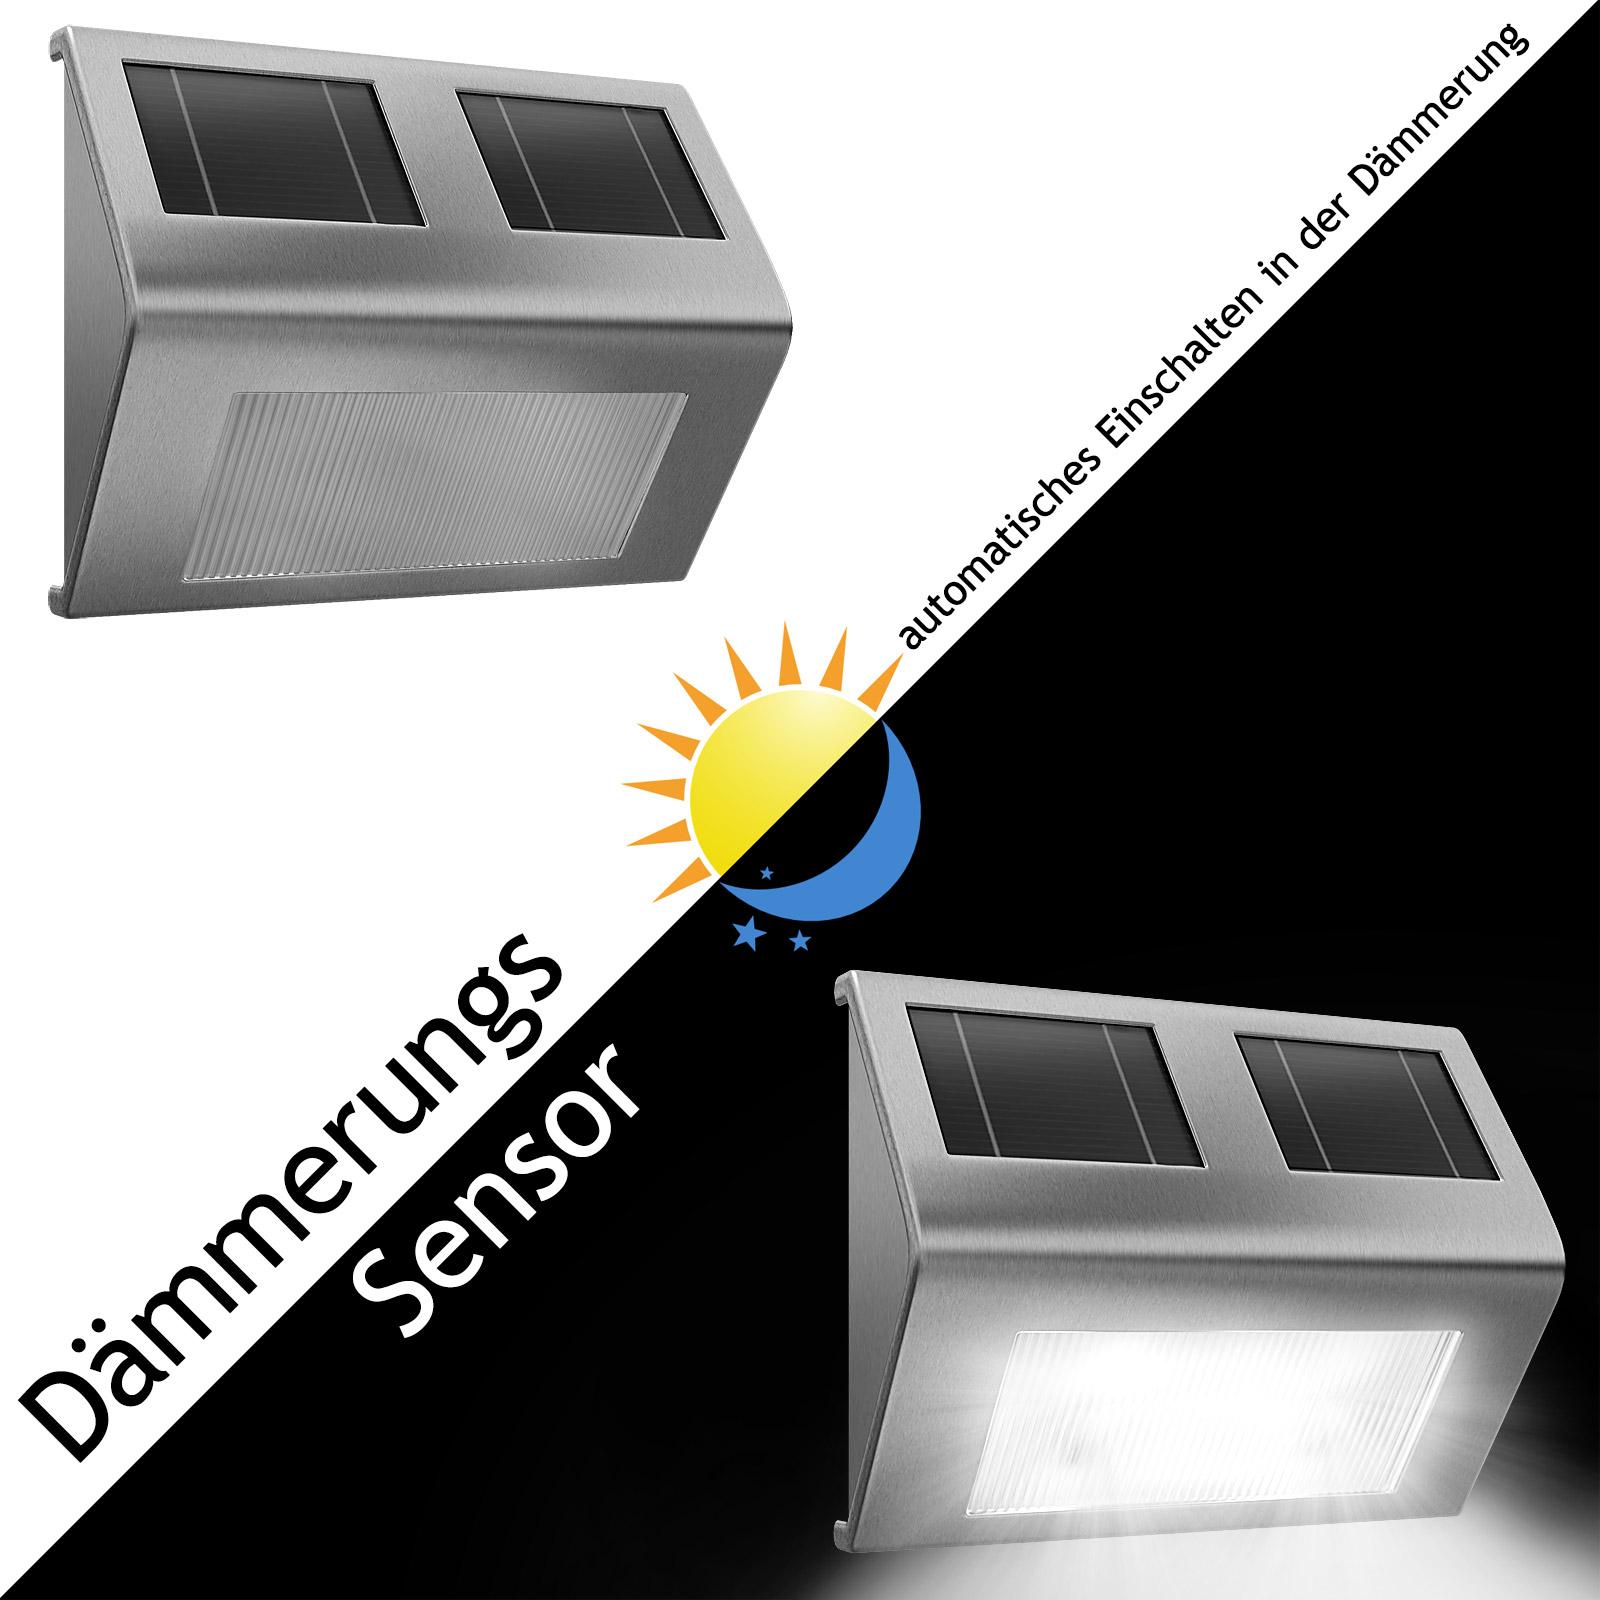 4x led solar wandleuchte solarleuchte edelstahl gartenlampe wandlampe au enlampe ebay. Black Bedroom Furniture Sets. Home Design Ideas